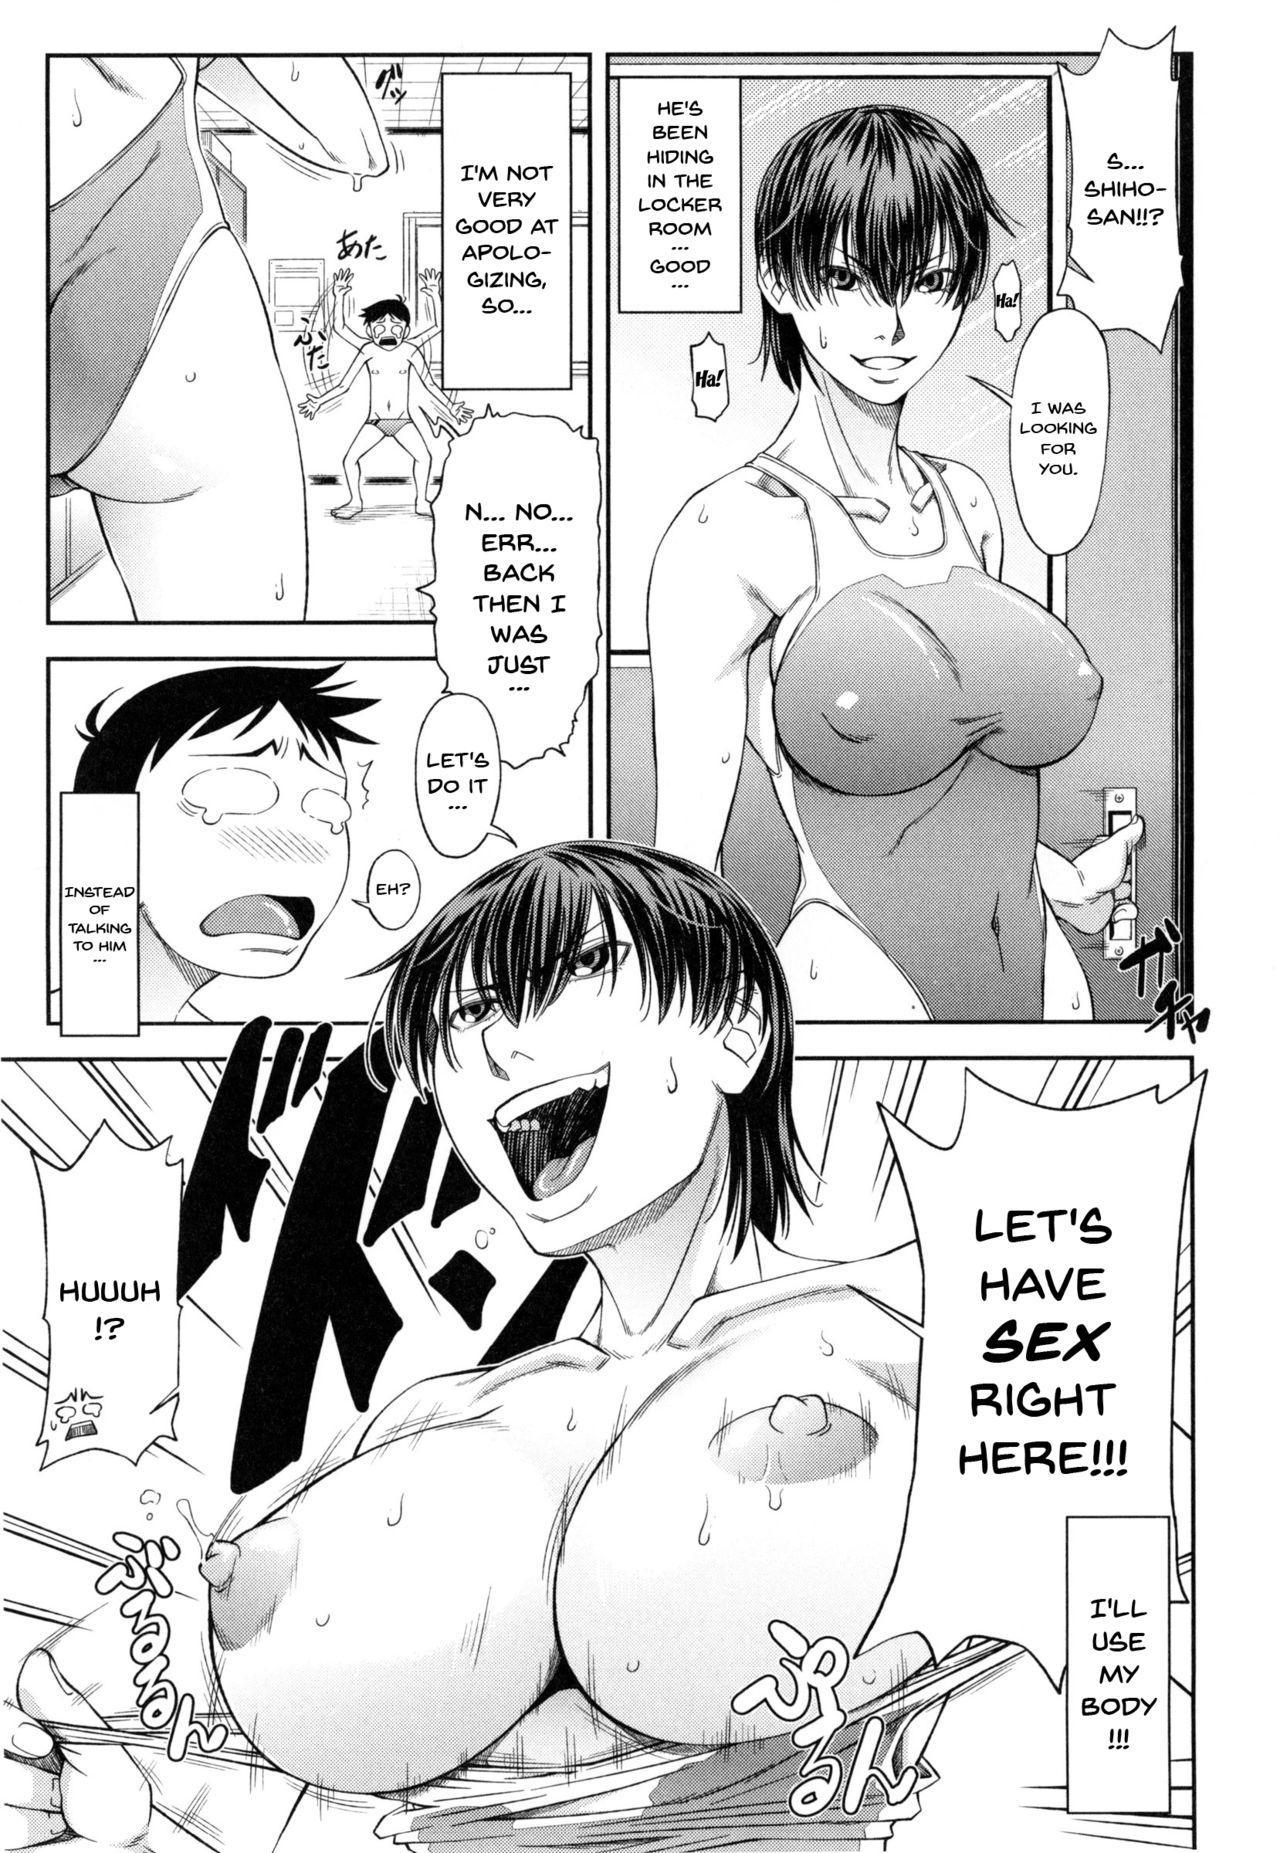 Watashi ga Toriko ni Natte Yaru | I Became A Sex Slave 147